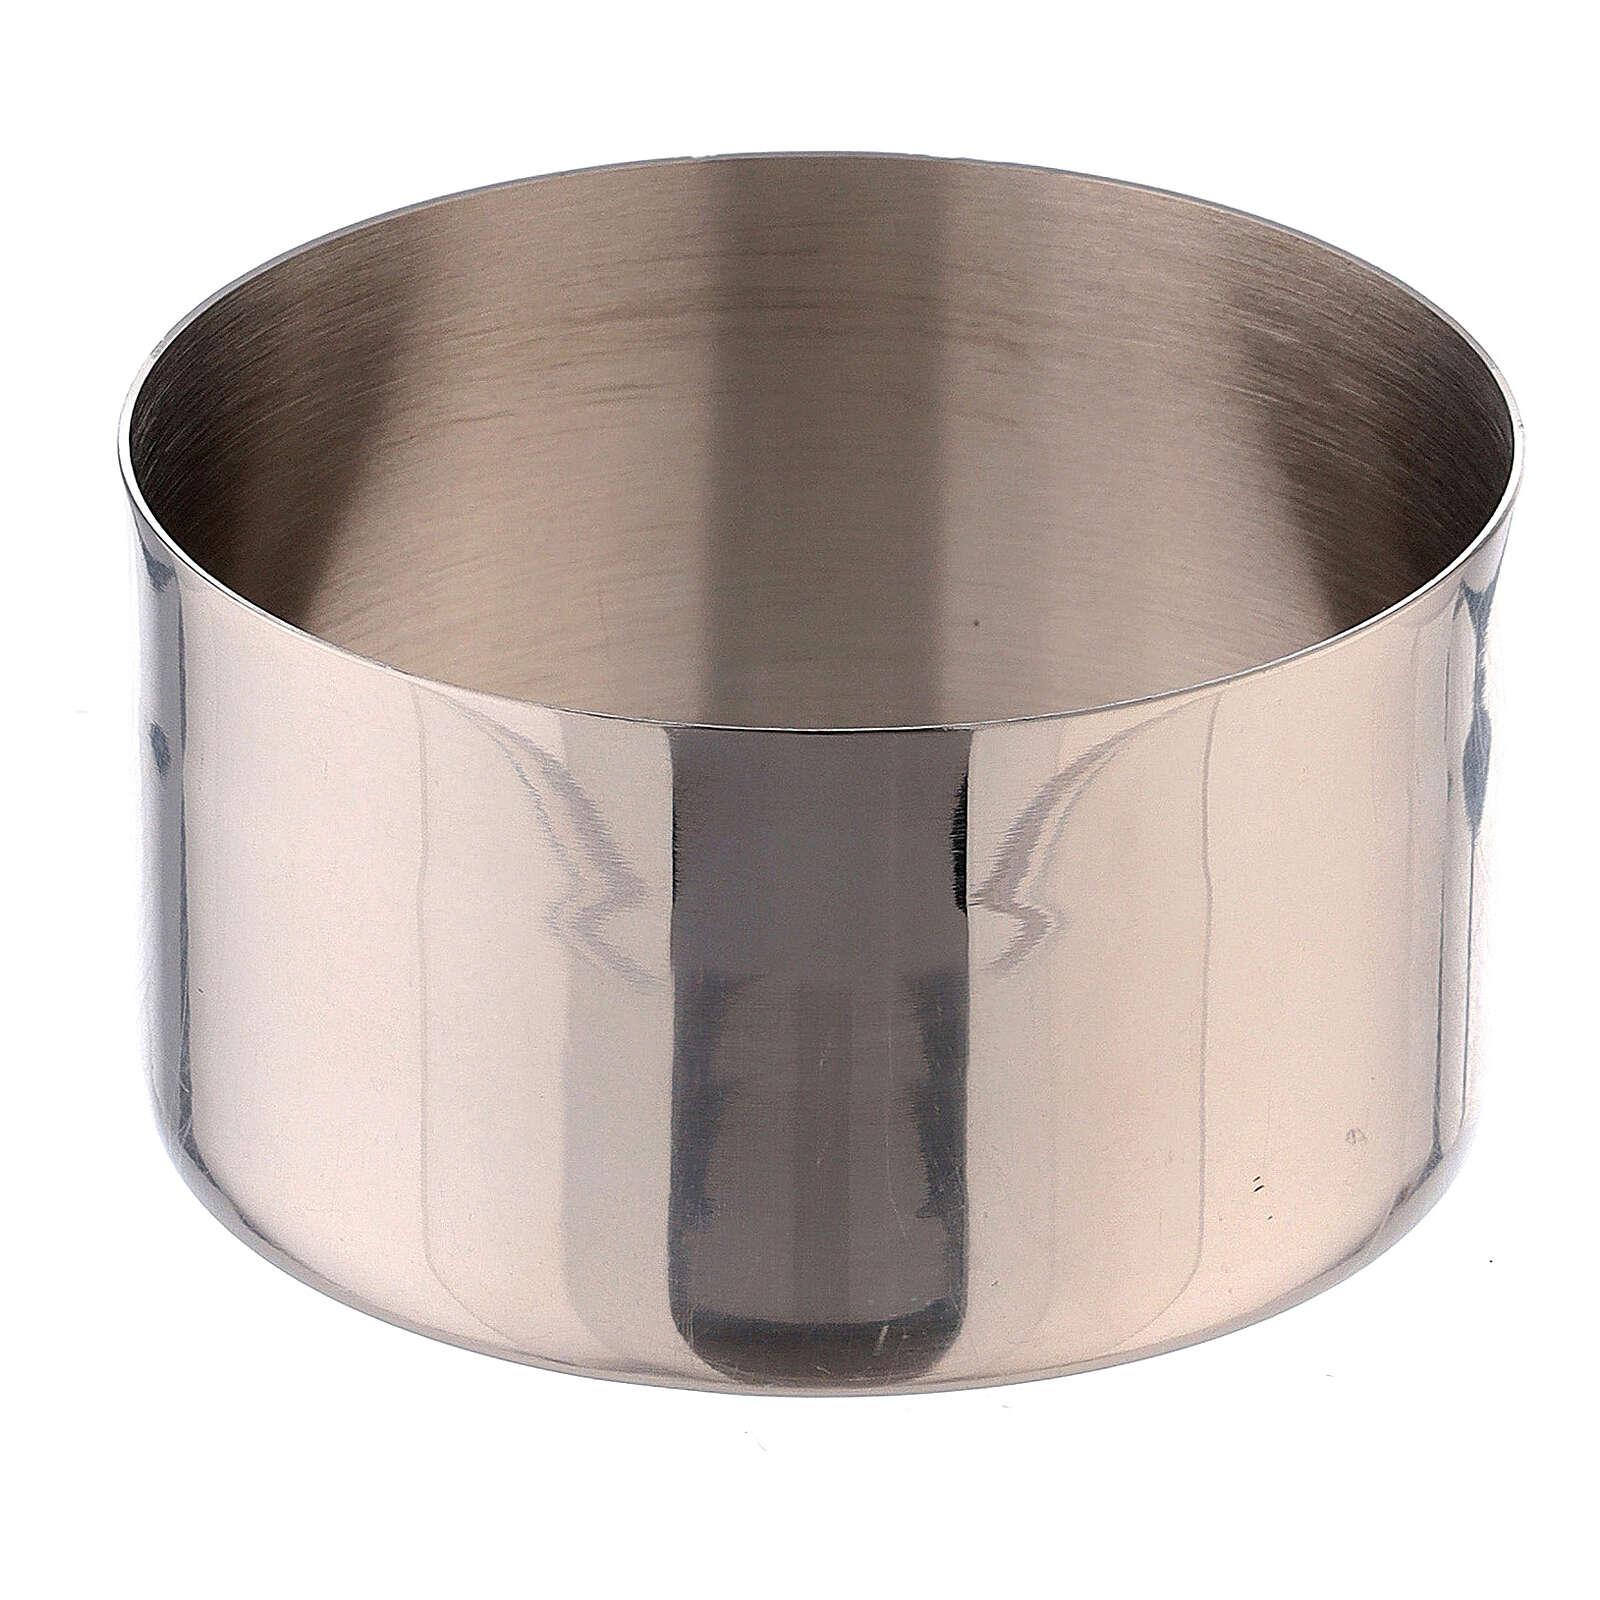 Accessorio anello per candela ottone nichelato 5 cm 4